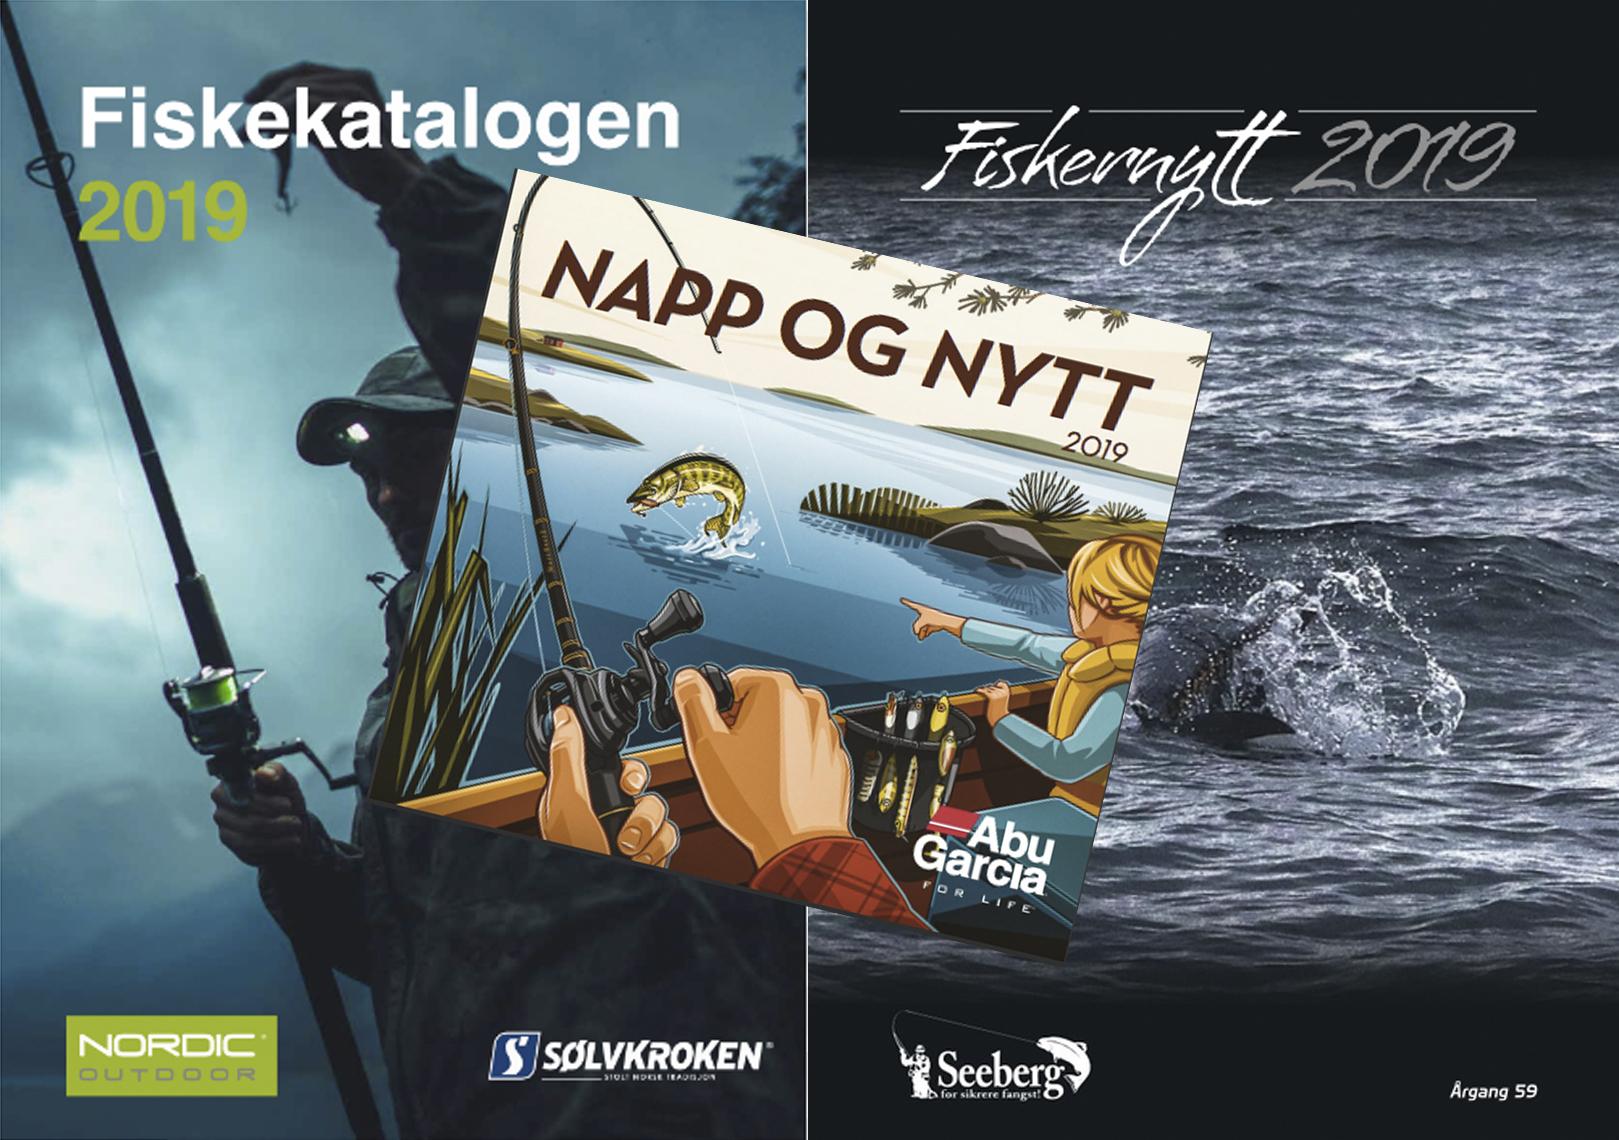 741cd8089 Oversikt over fiskekatalogene 2019 - Fiskeavisen.no